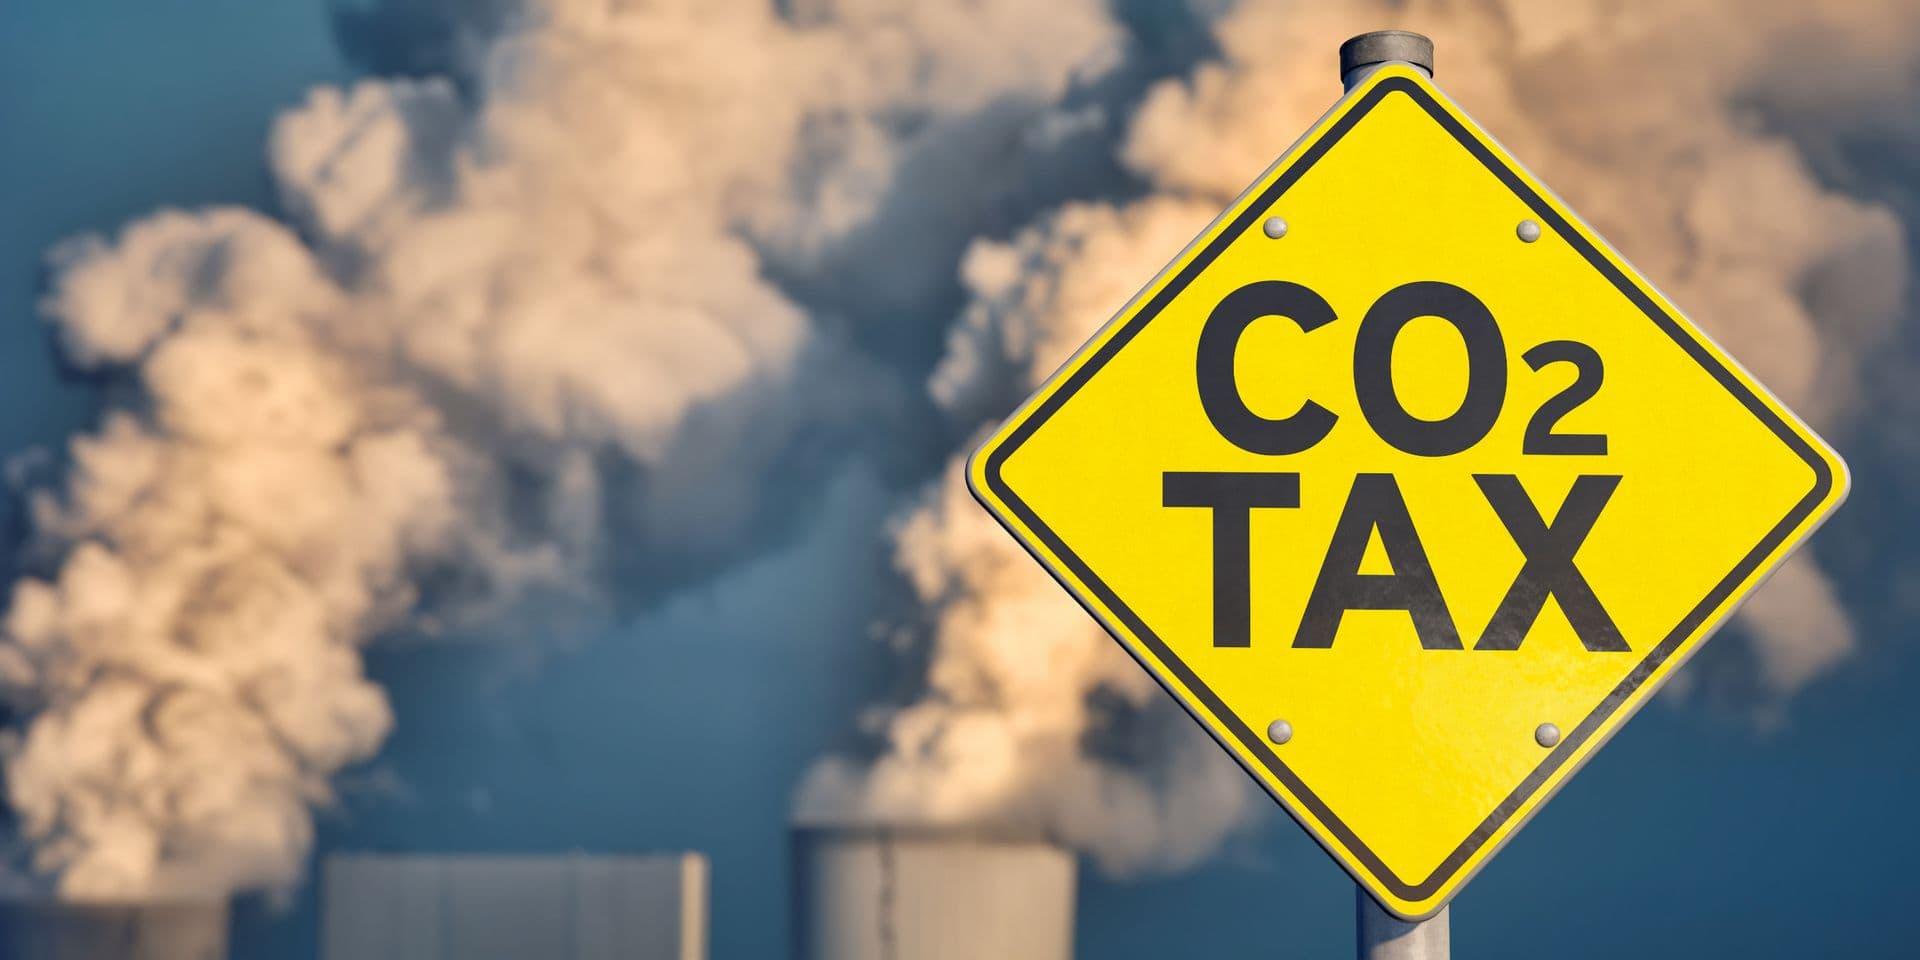 L'industrie belge a payé un montant record pour compenser ses émissions de CO2